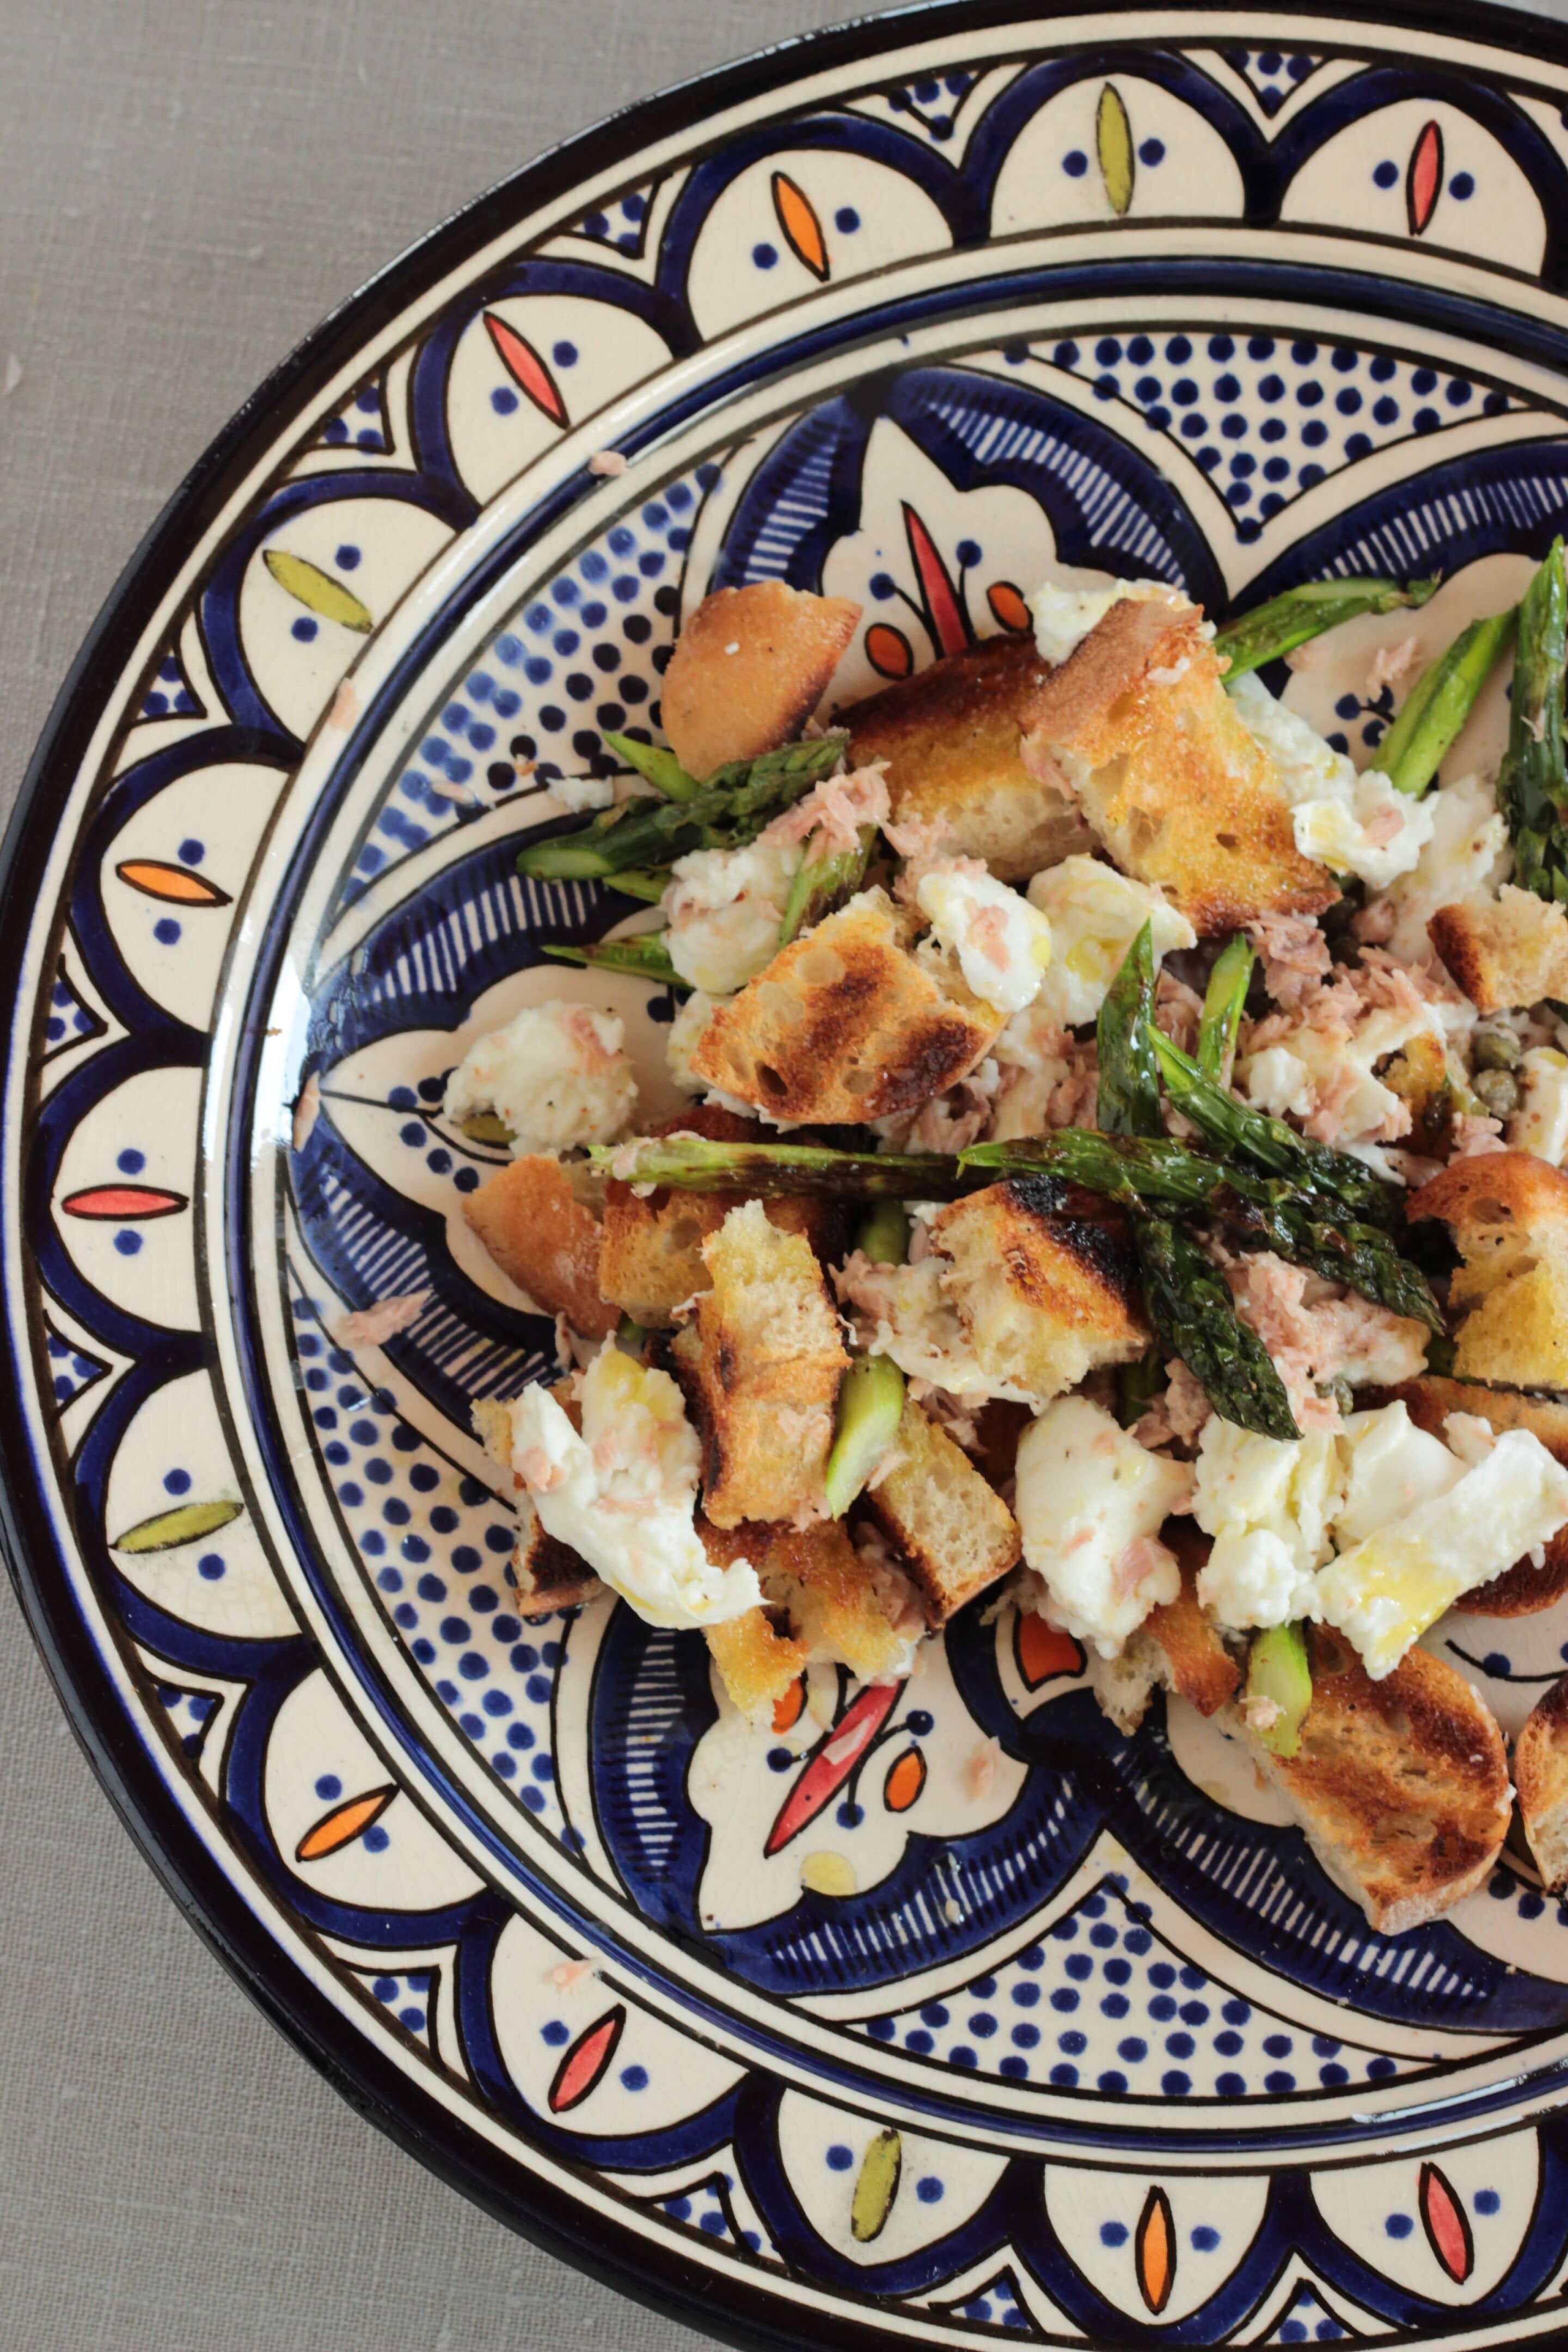 Spargel-Brotsalat vom Grill oder zurück aus Marrakesch